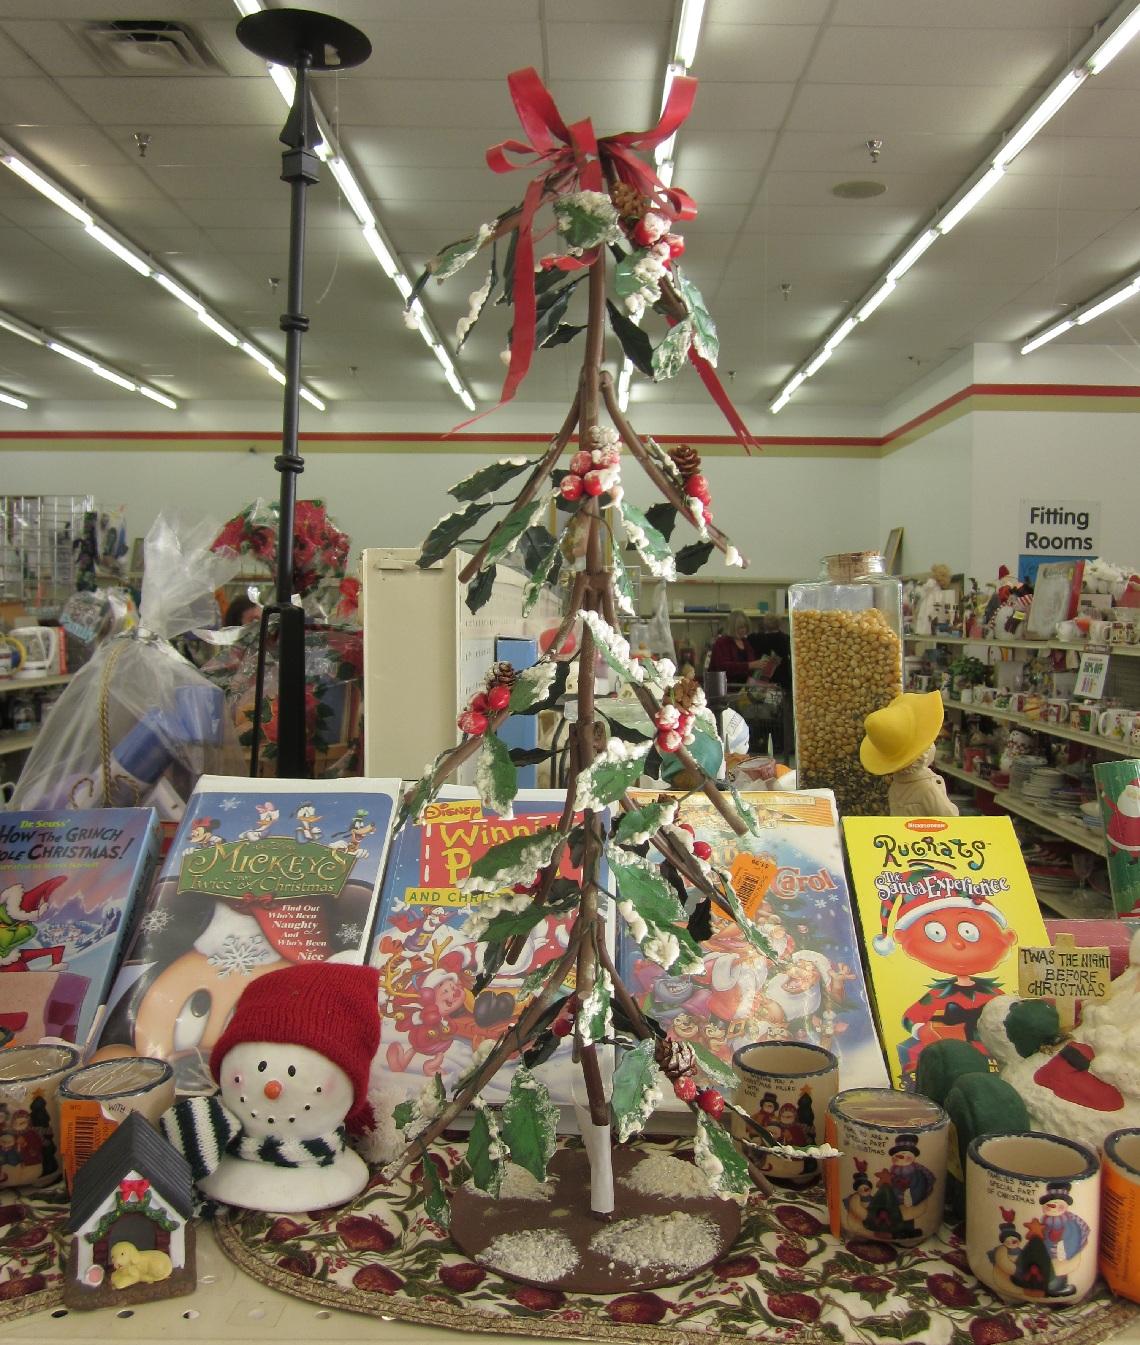 Sad Charlie Brown Christmas Tree